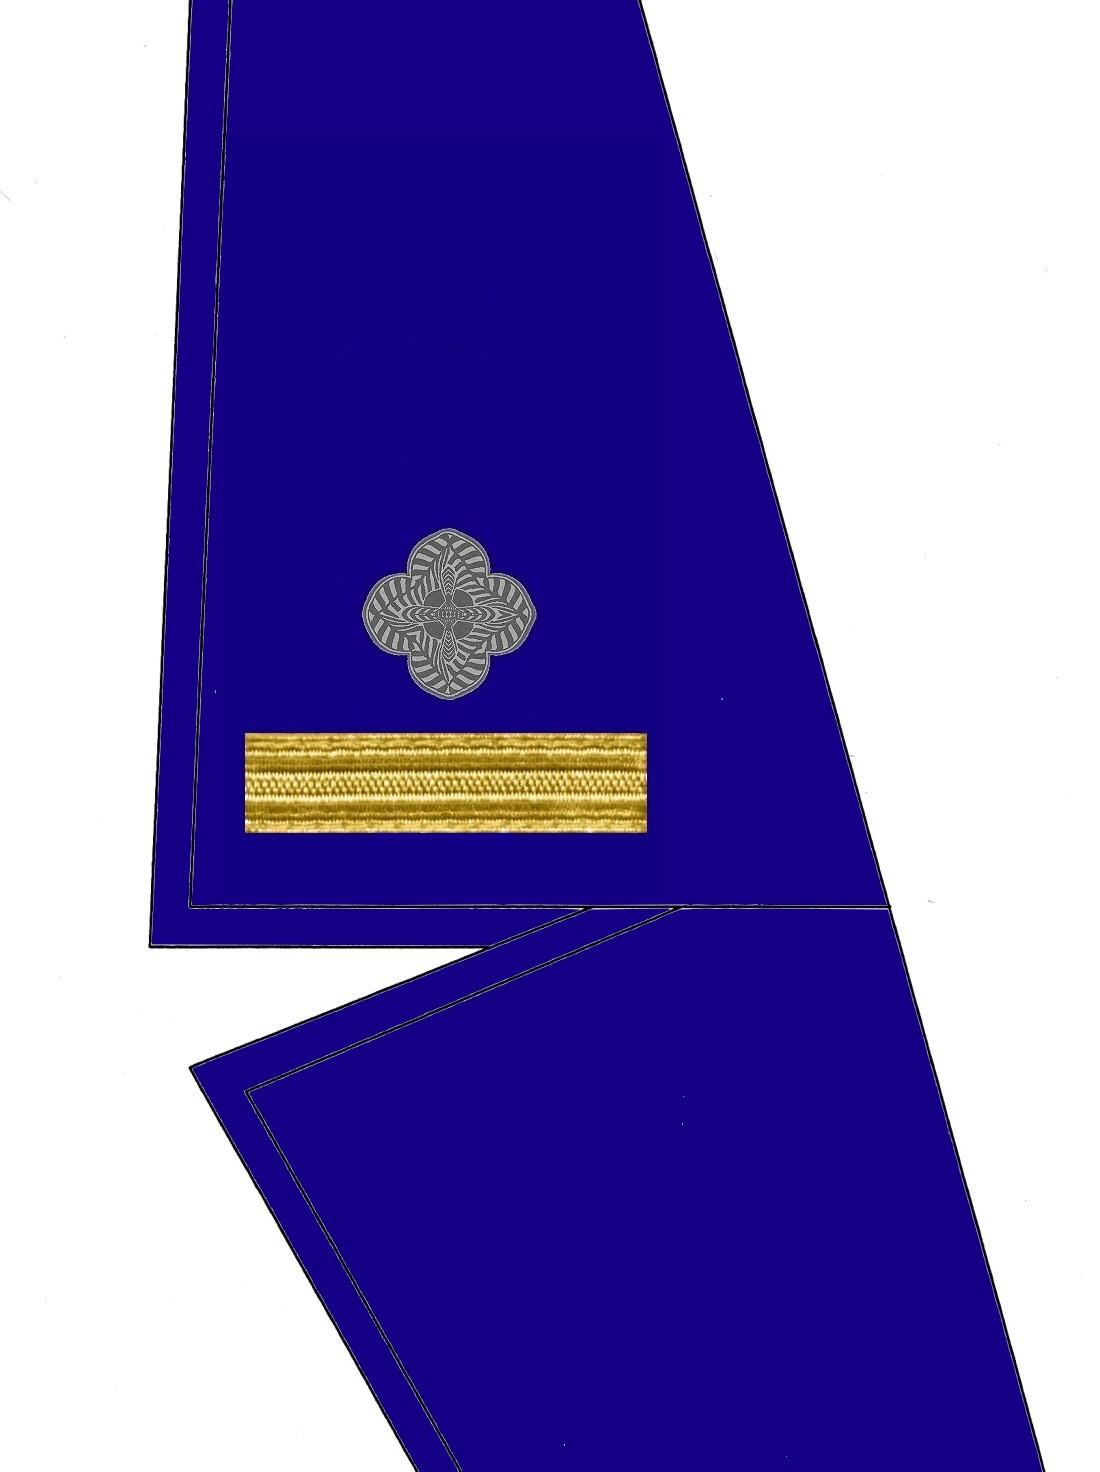 11-kragen-rangabzeichen-faehnrich-hg-blau